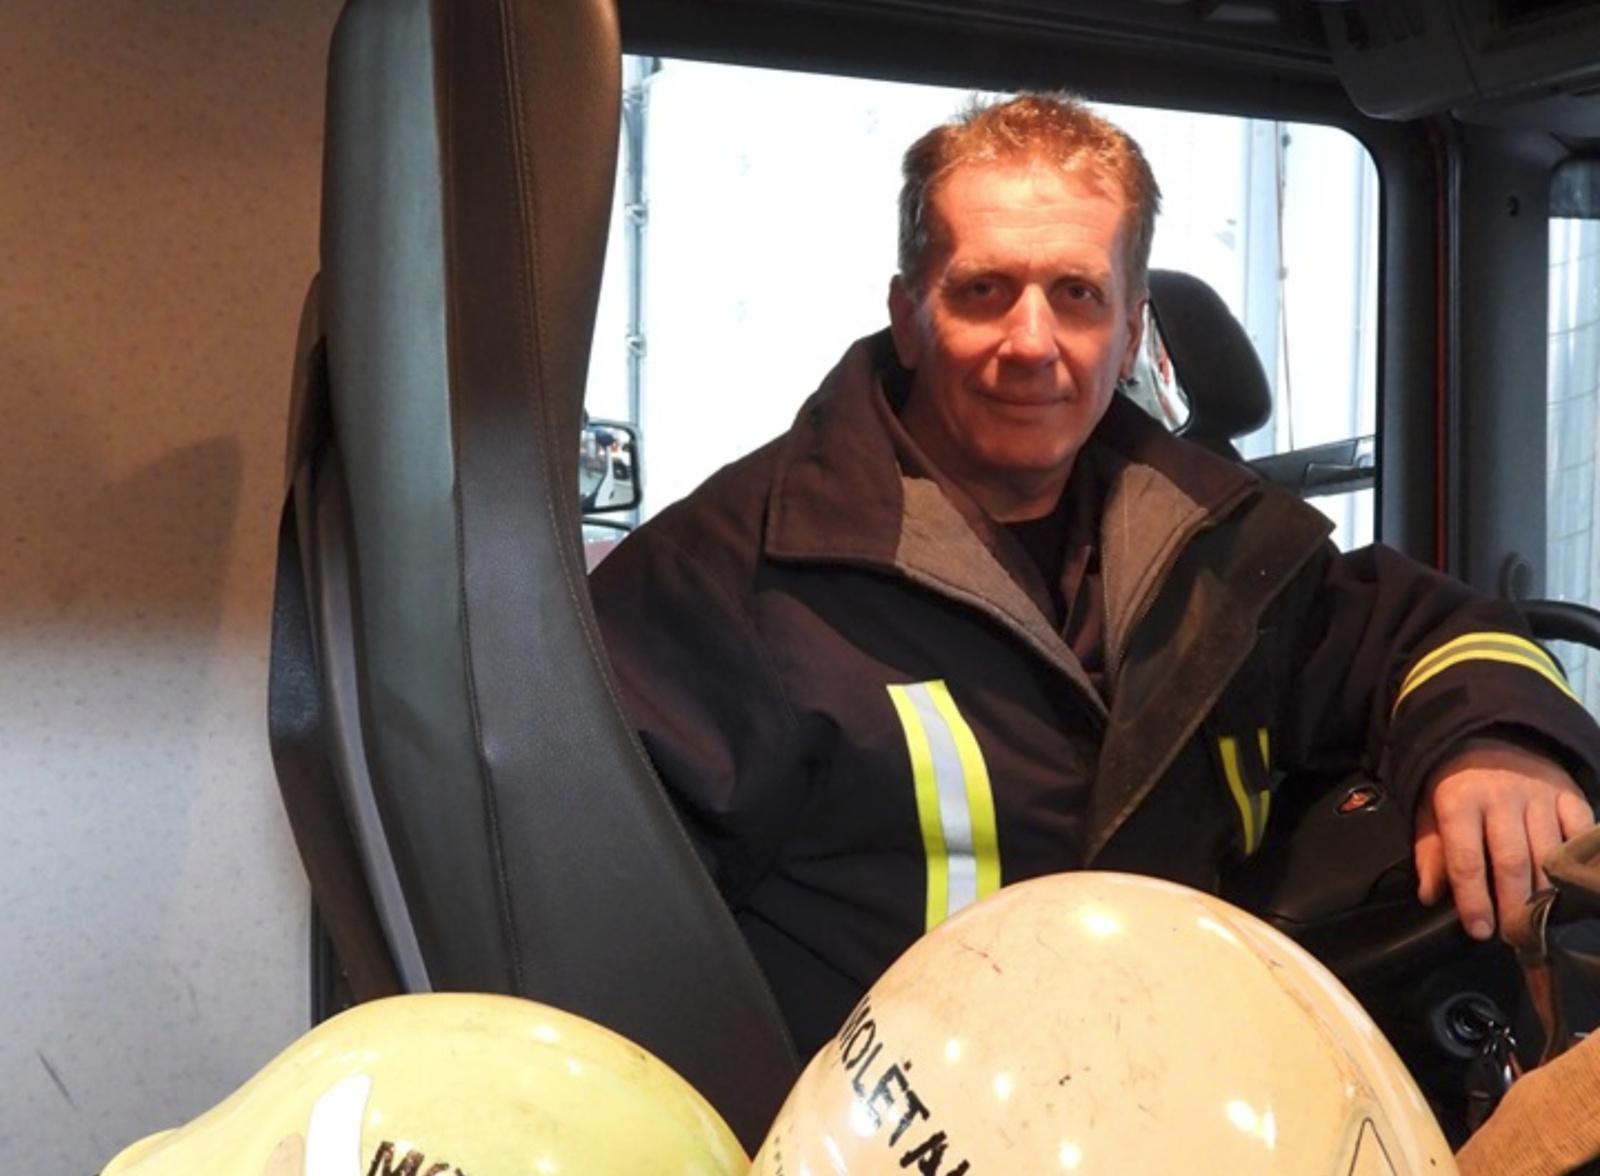 Trisdešimtmetis vidaus tarnyboje vairuojant gaisrinį automobilį